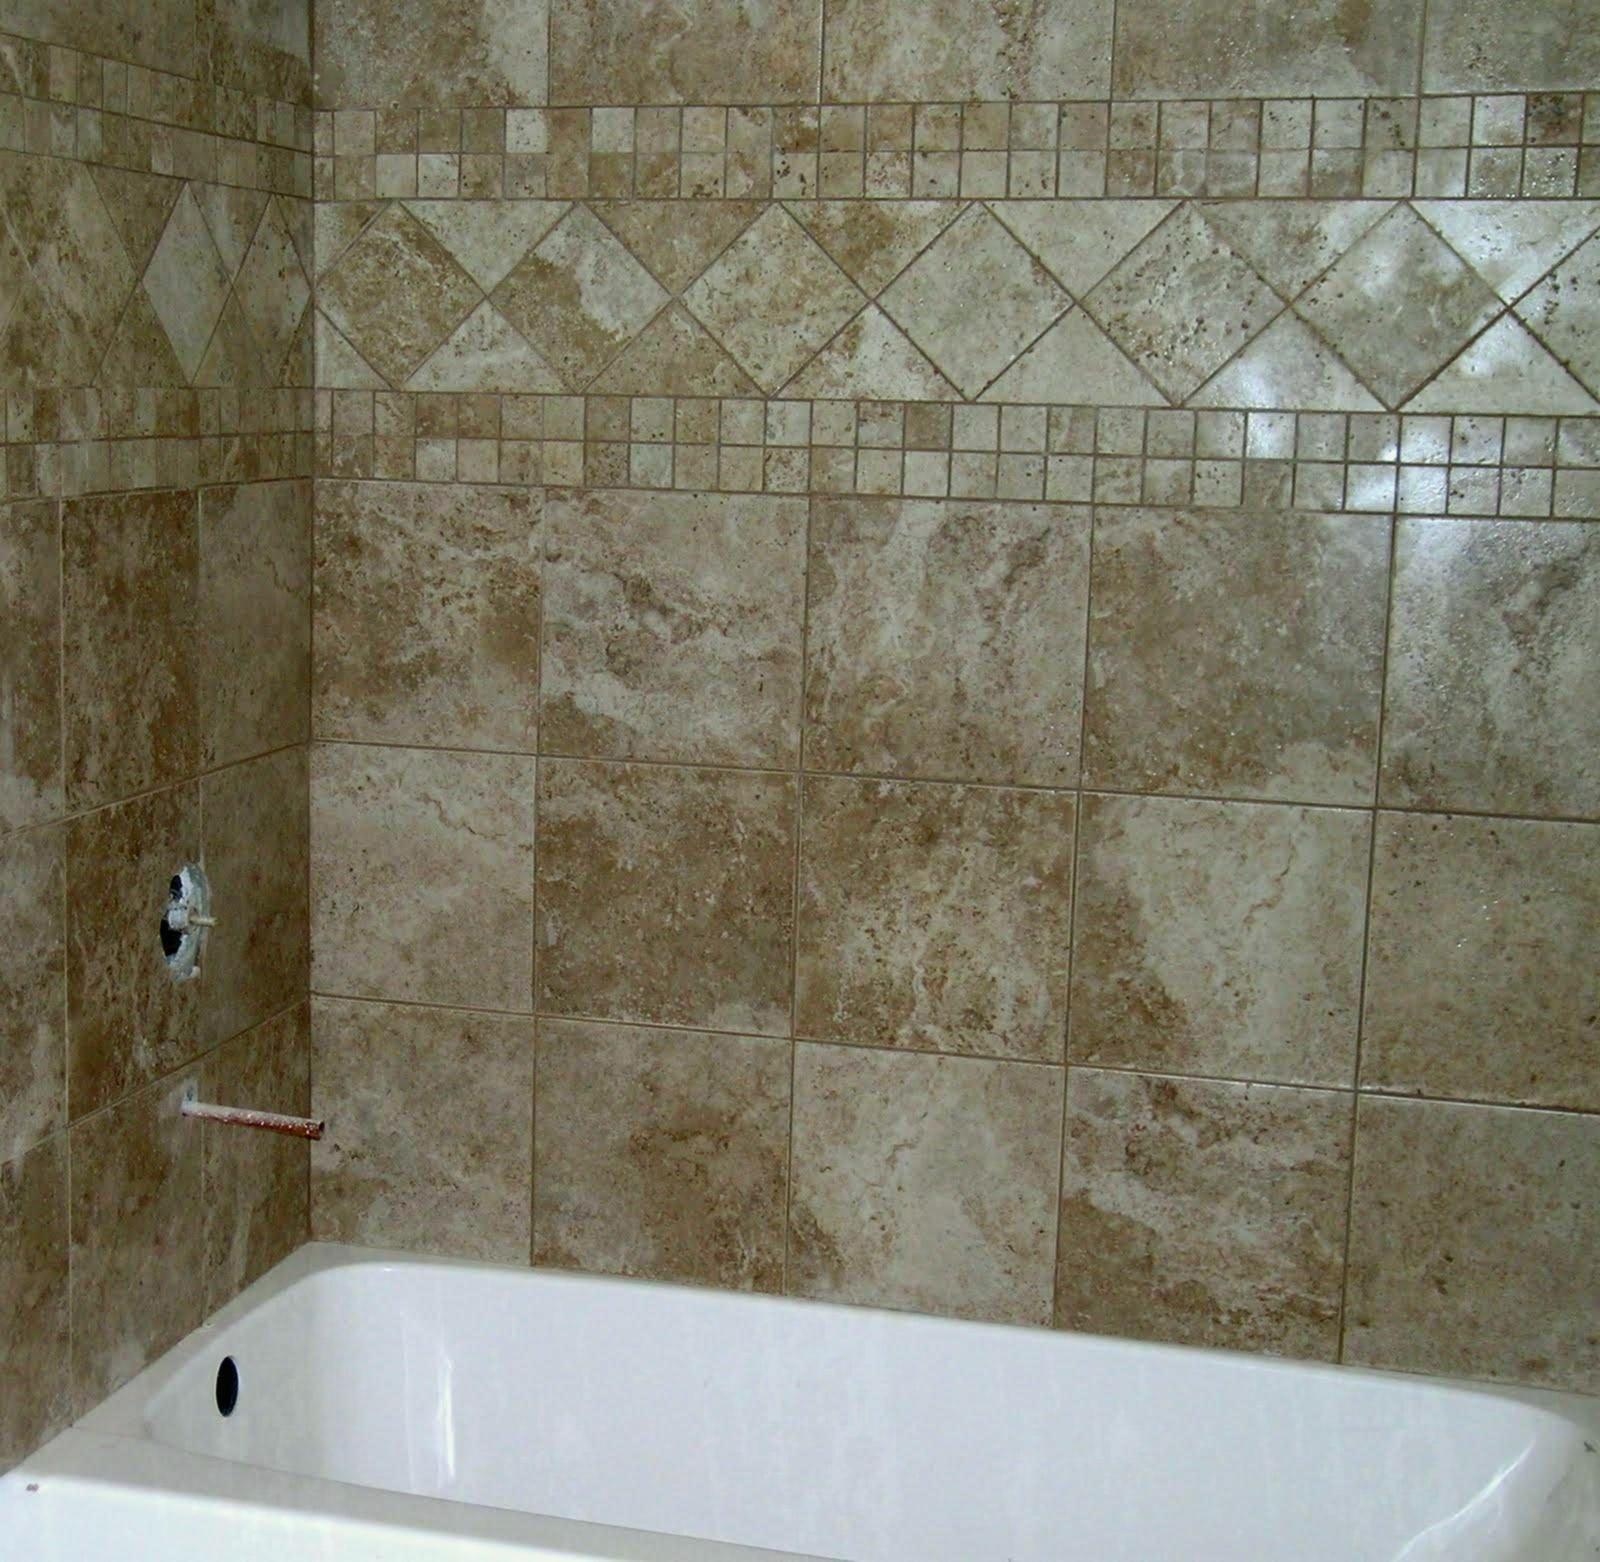 sensational floor tiles bathroom model-Fascinating Floor Tiles Bathroom Concept